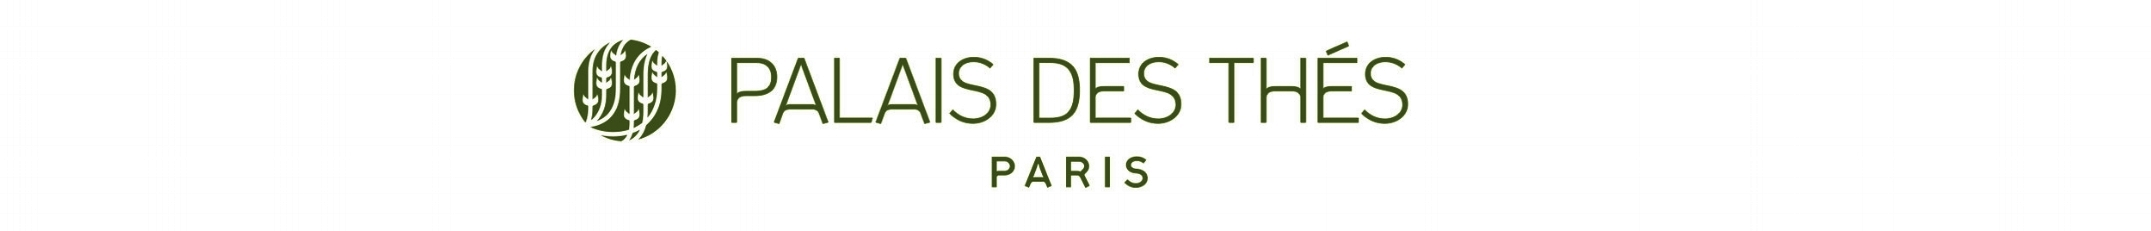 Doc Paris_Totebag_00 VECTO.jpg